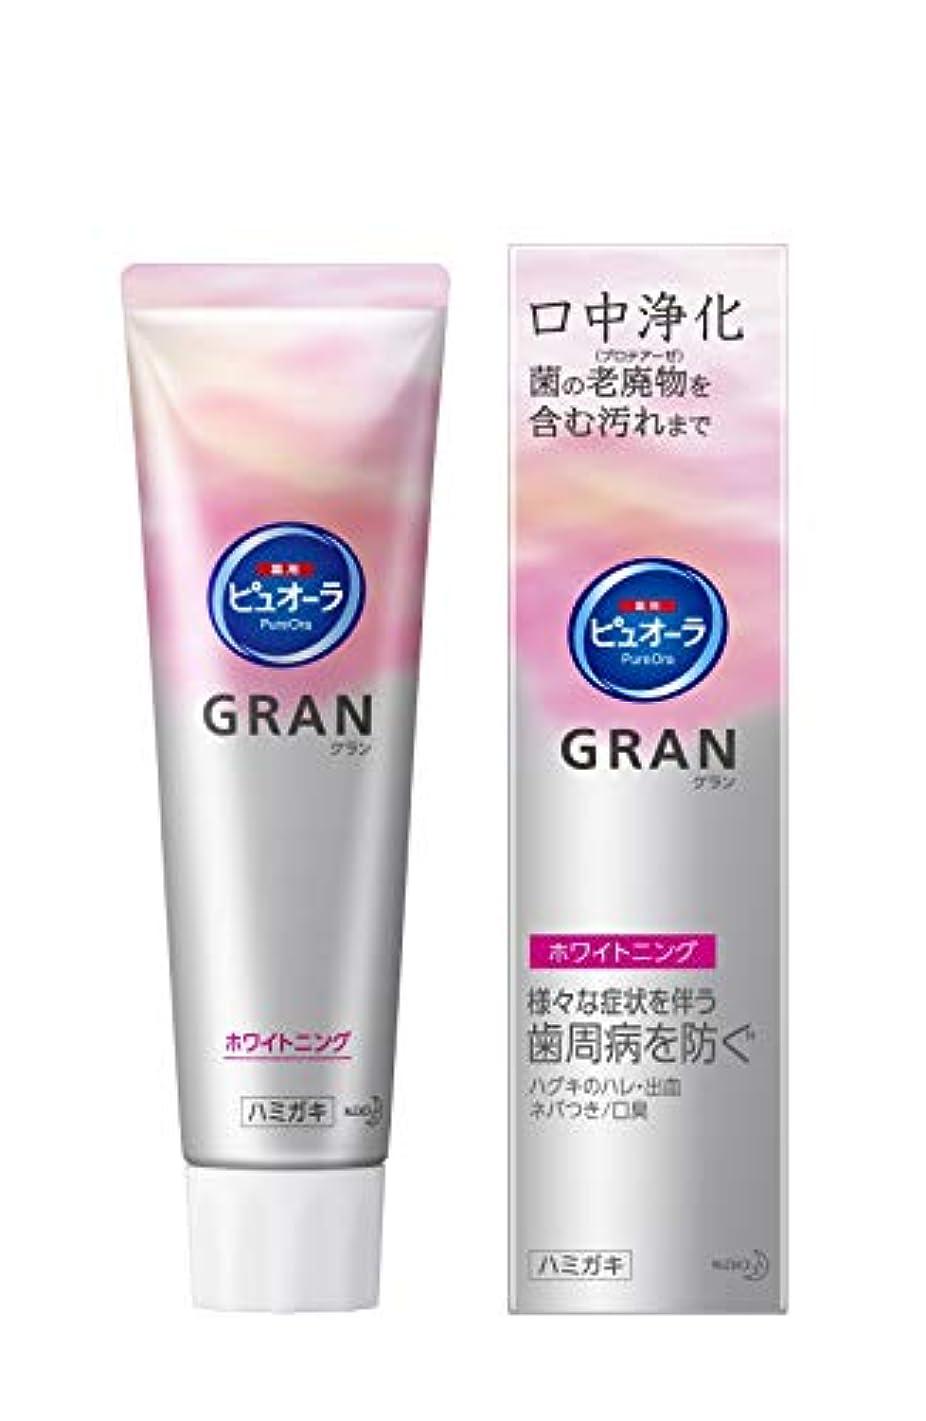 合体ずっと毛細血管ピュオーラ GRAN ホワイトニング 95g 歯周病予防 [医薬部外品]